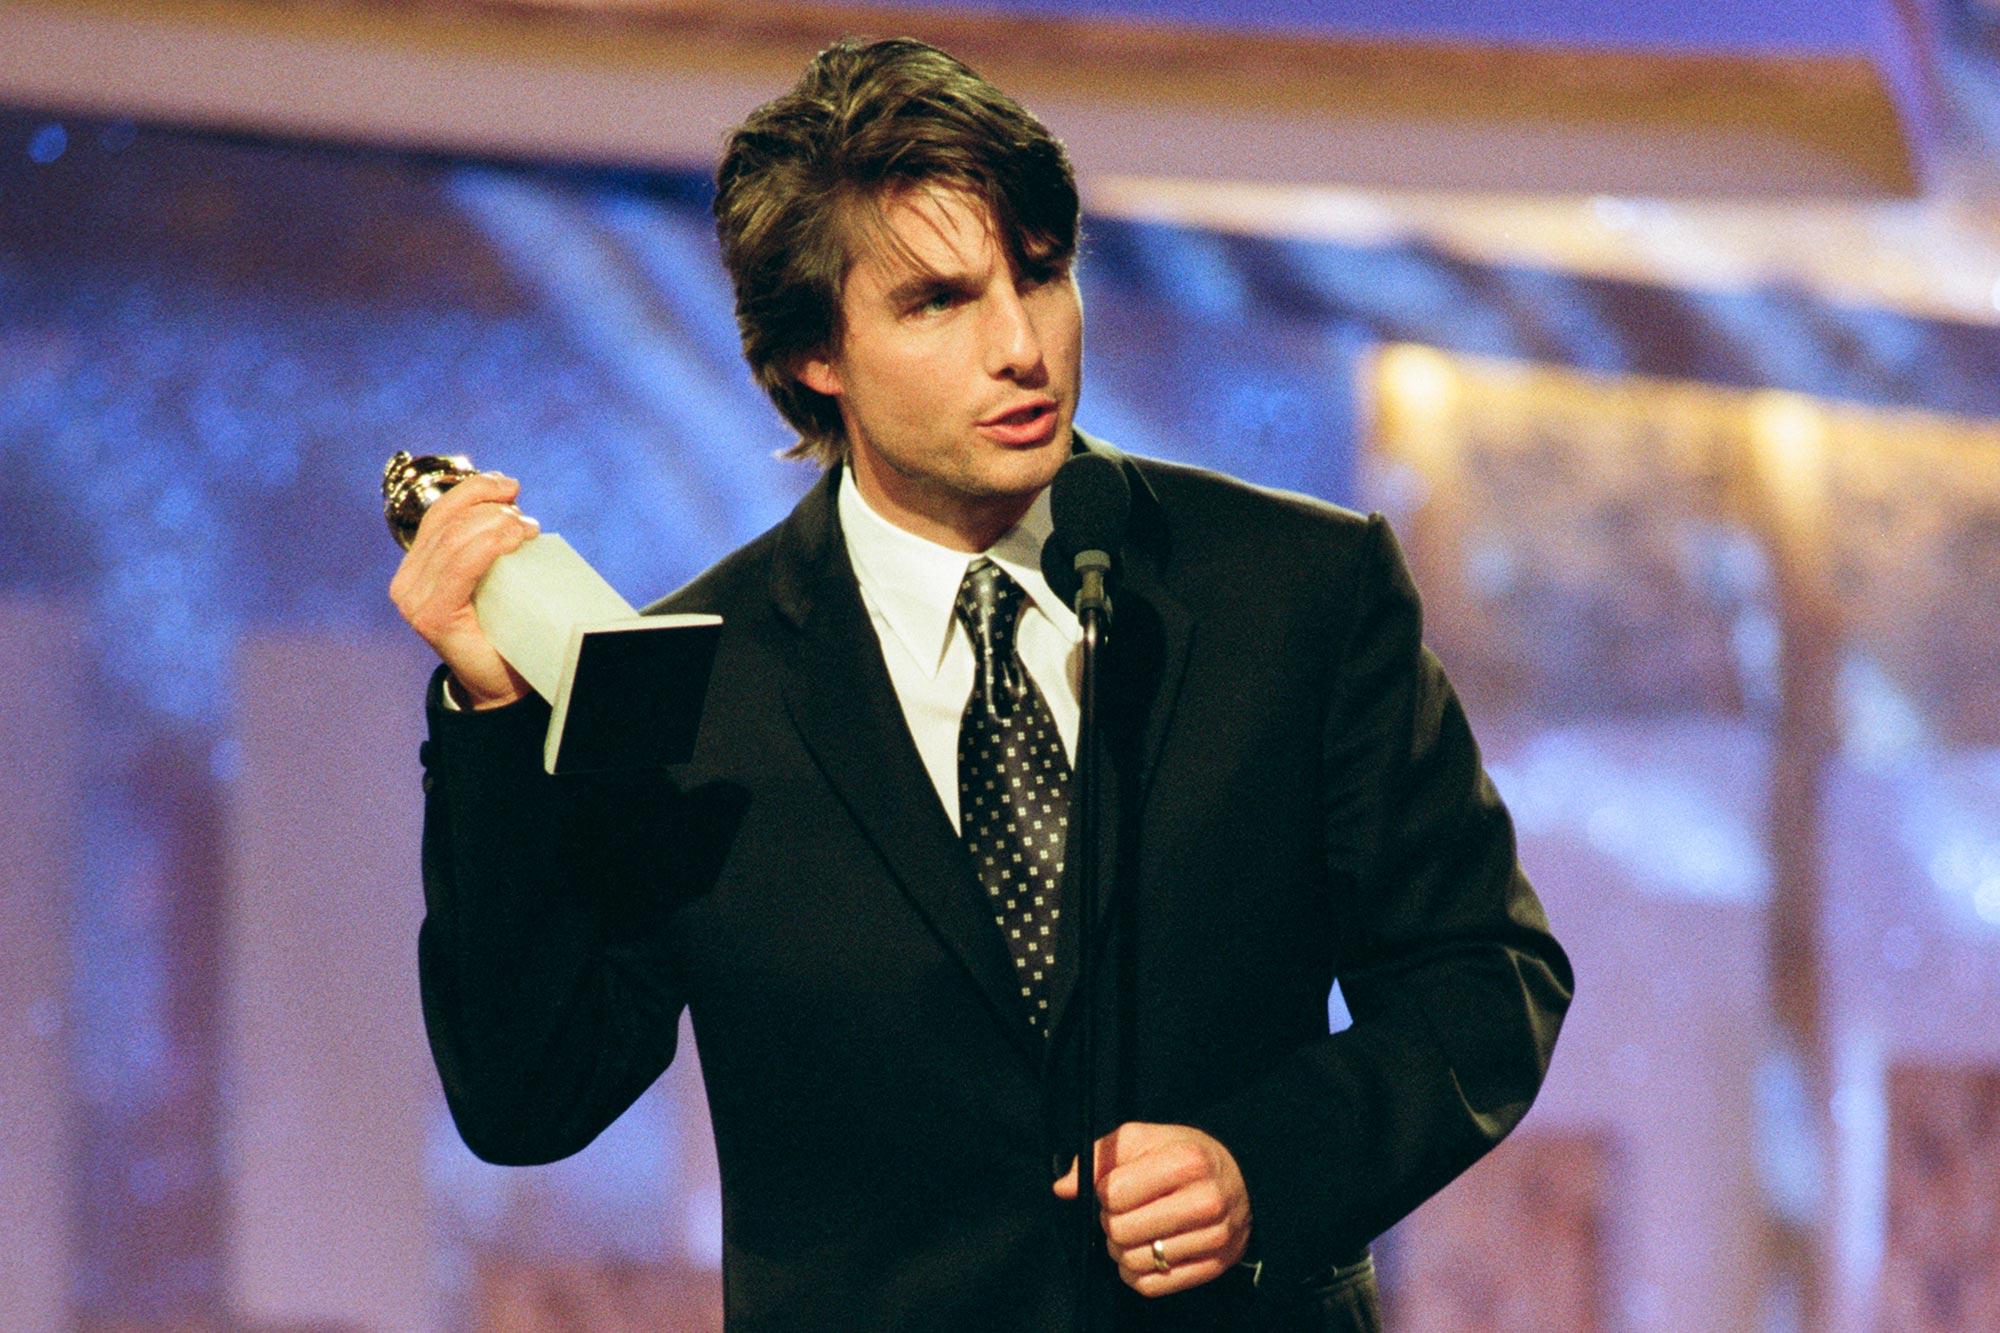 Tom Cruise Golden Globe Awards